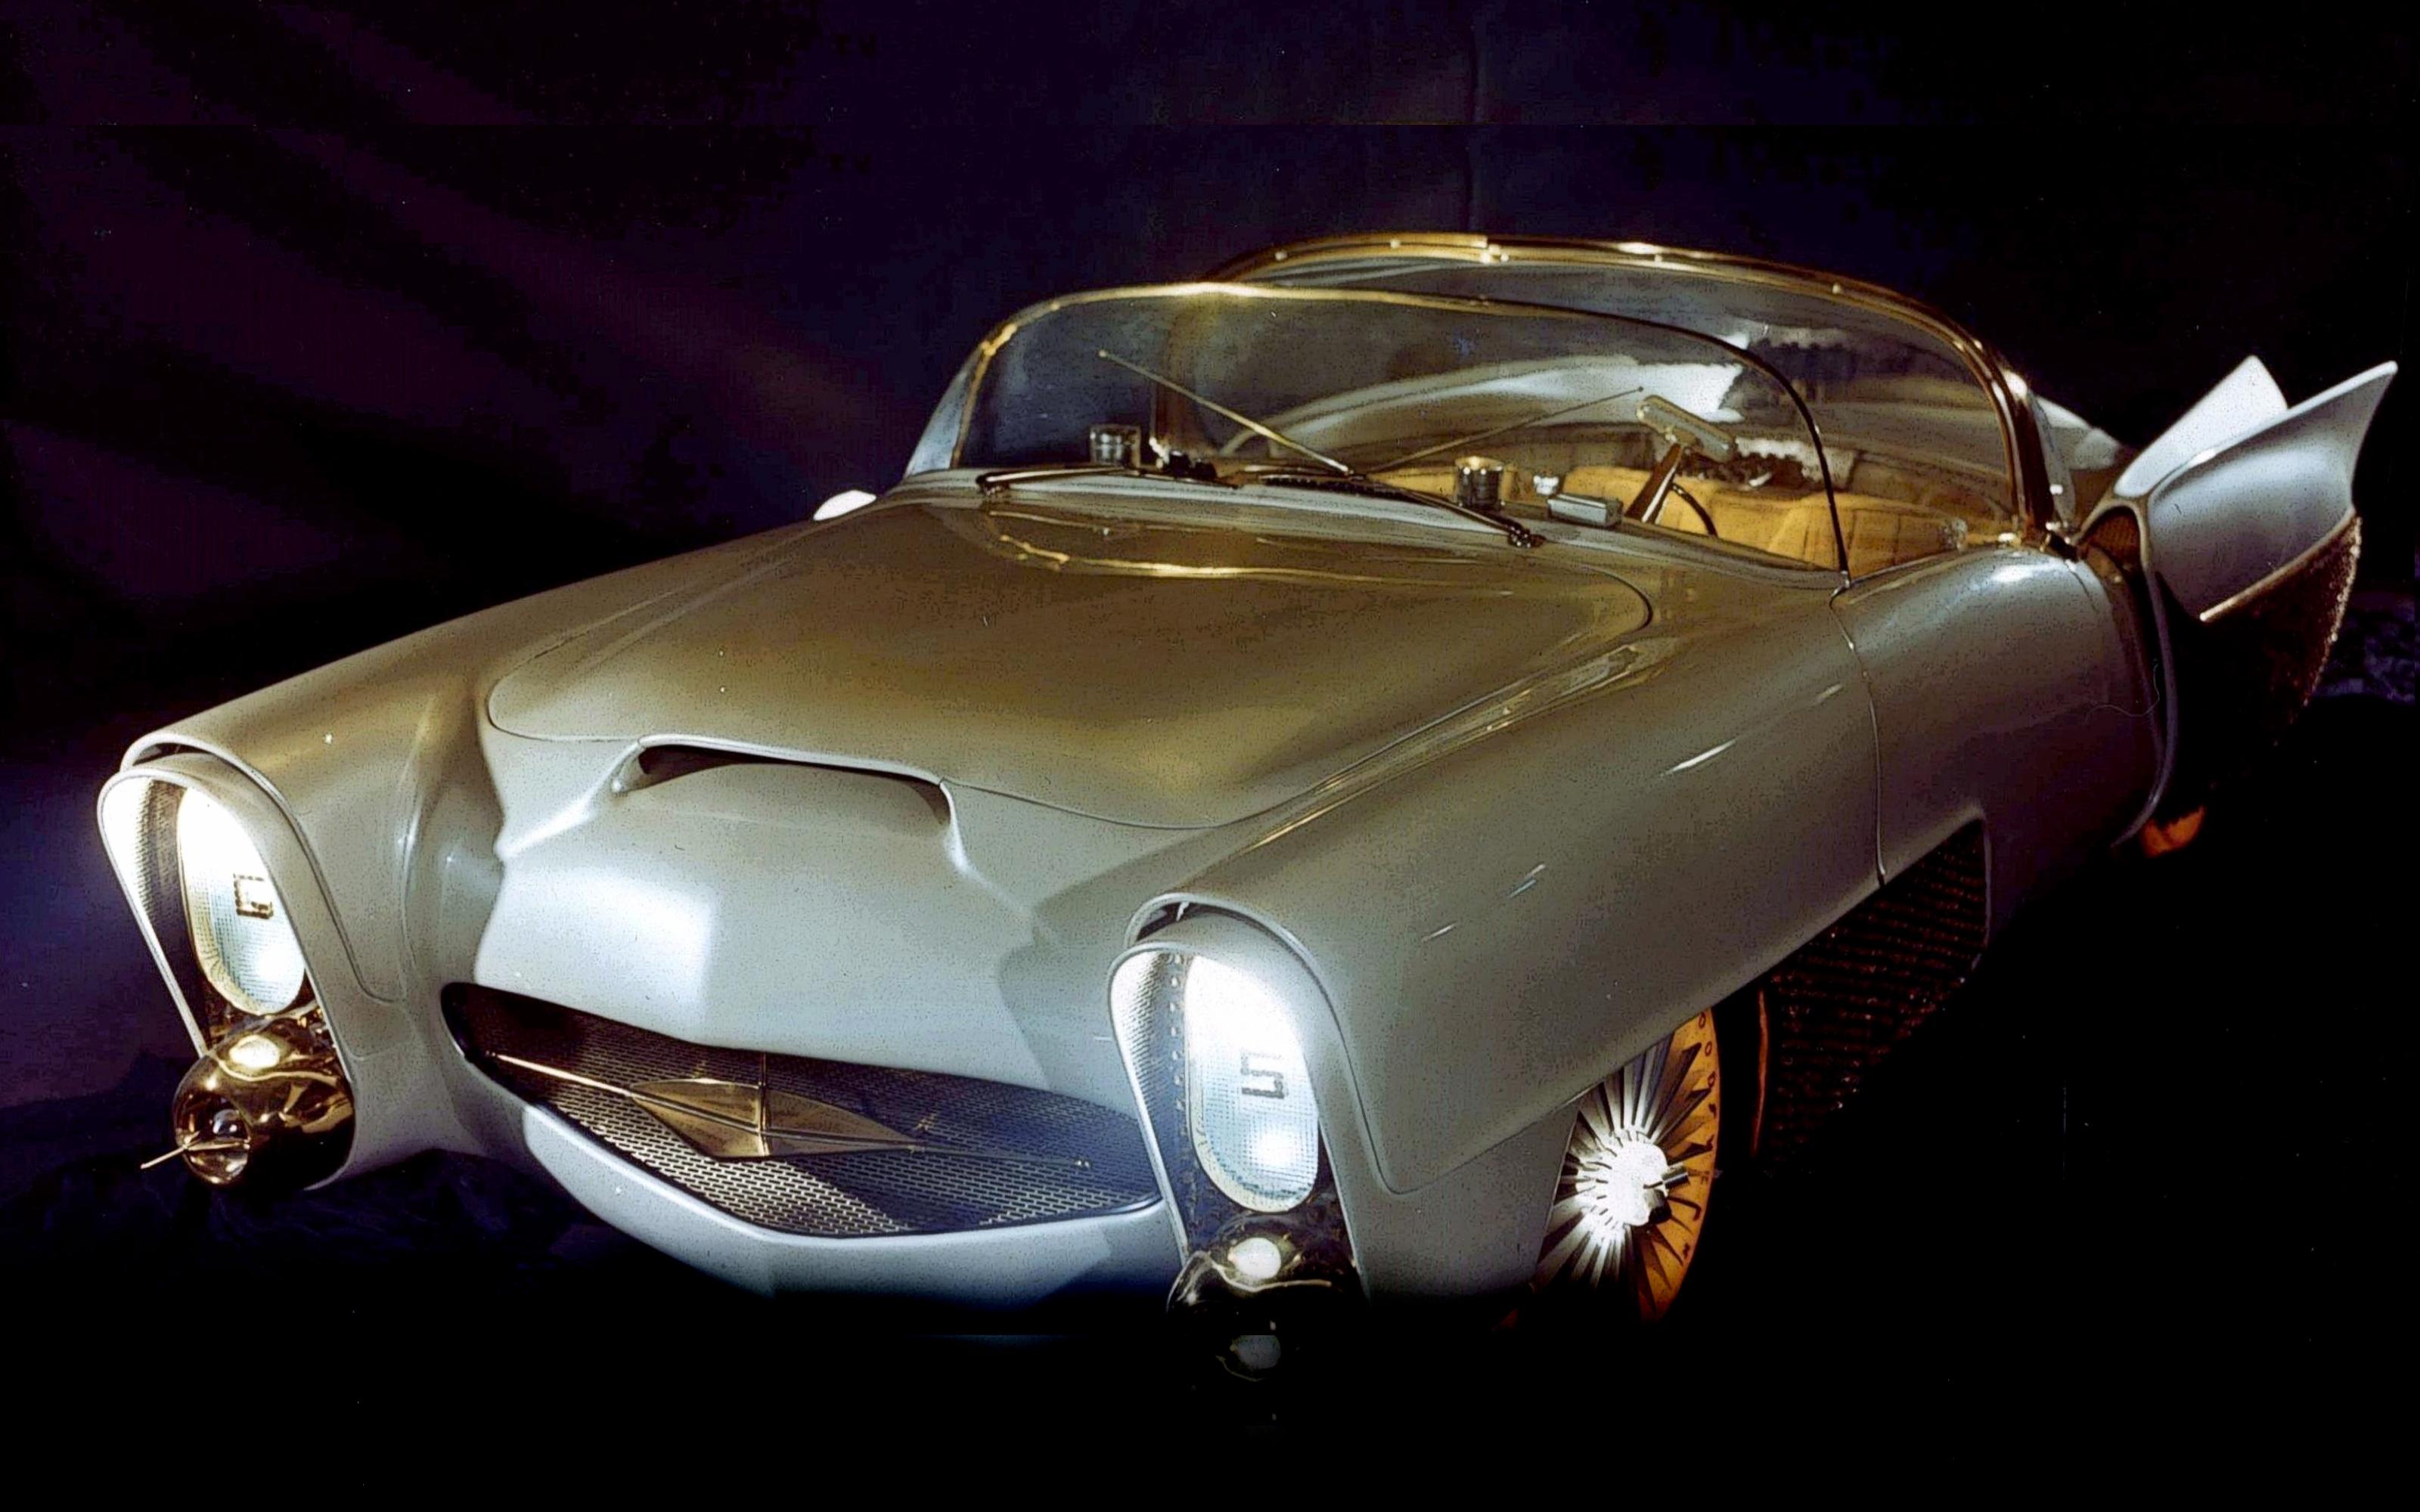 Golden Sahara I & II…première voiture autonome de l'histoire ! (+ vidéos) By gatsbyonline.com George-Barris-GoldenSaharaII-07